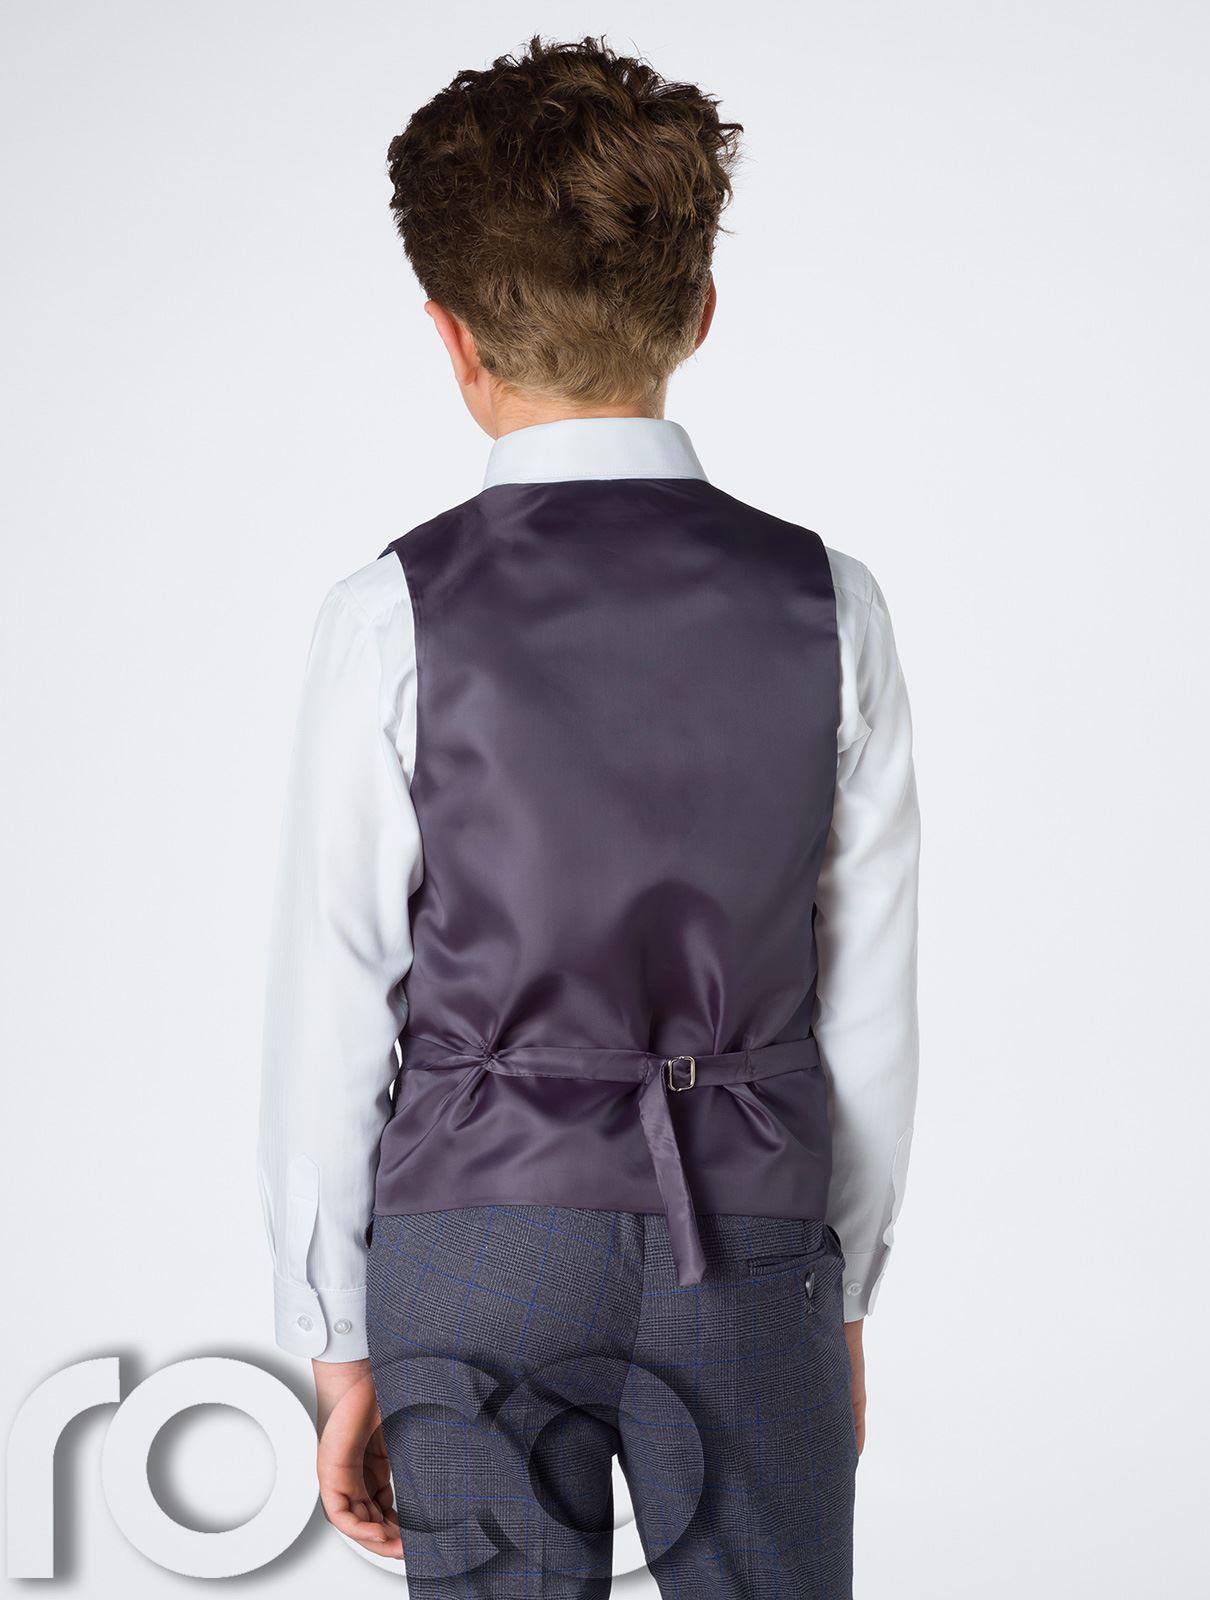 Garcons-bleu-marine-suit-garcons-gris-suit-garcons-carreaux-costume-slim-fit-costume-page-boy miniature 5